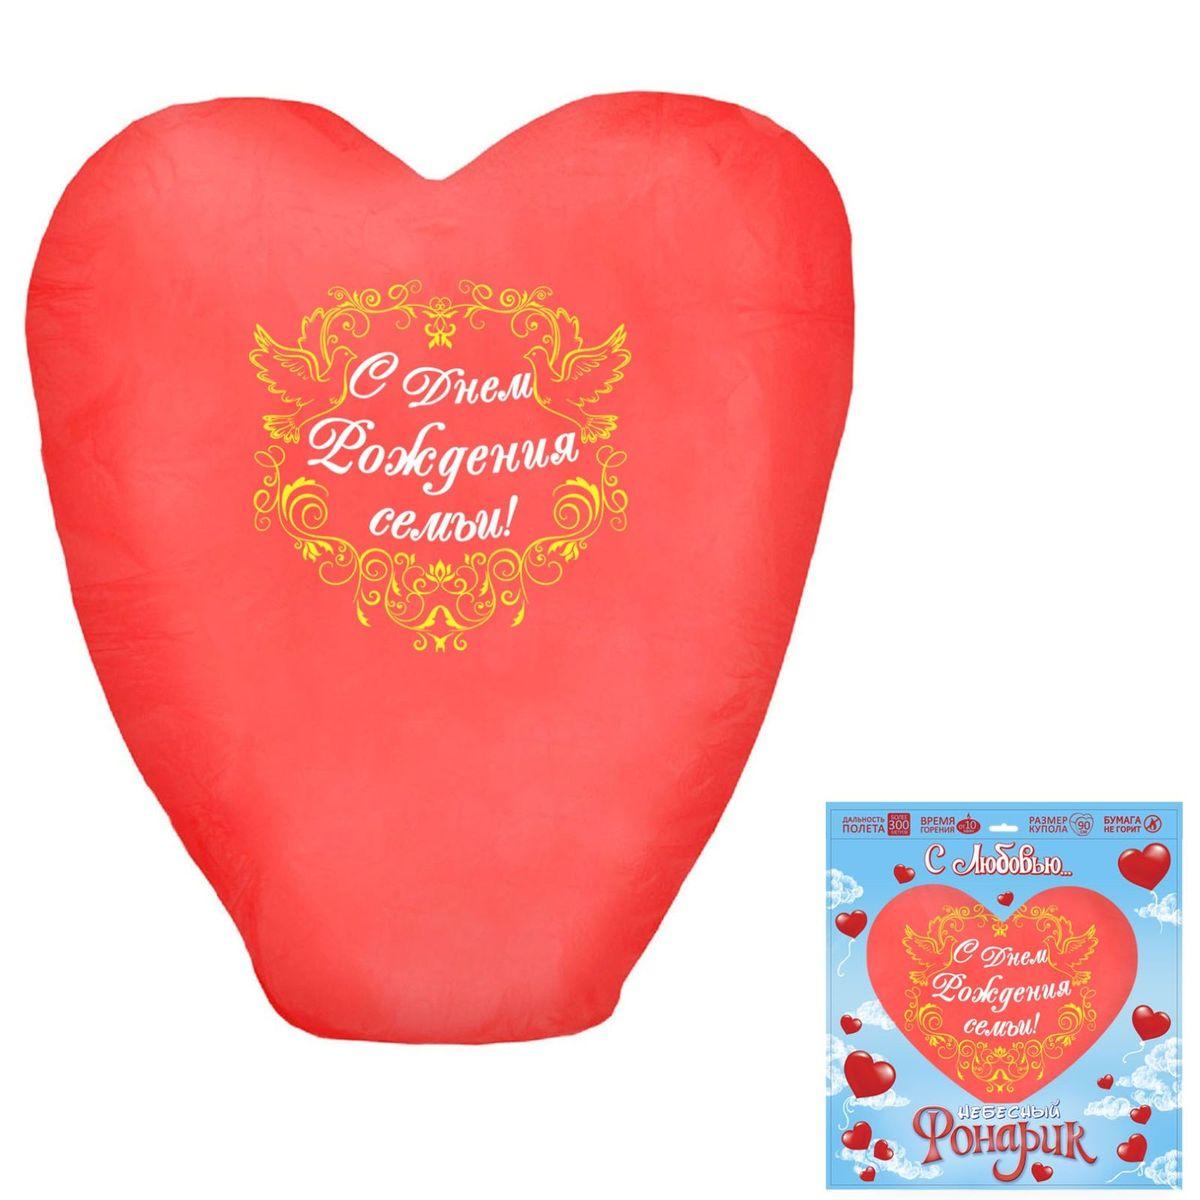 небесный фонарик эврика фонарь желаний сердце 00230 Фонарик бумажный Страна Карнавалия С Днем Рождения семьи, в форме сердца